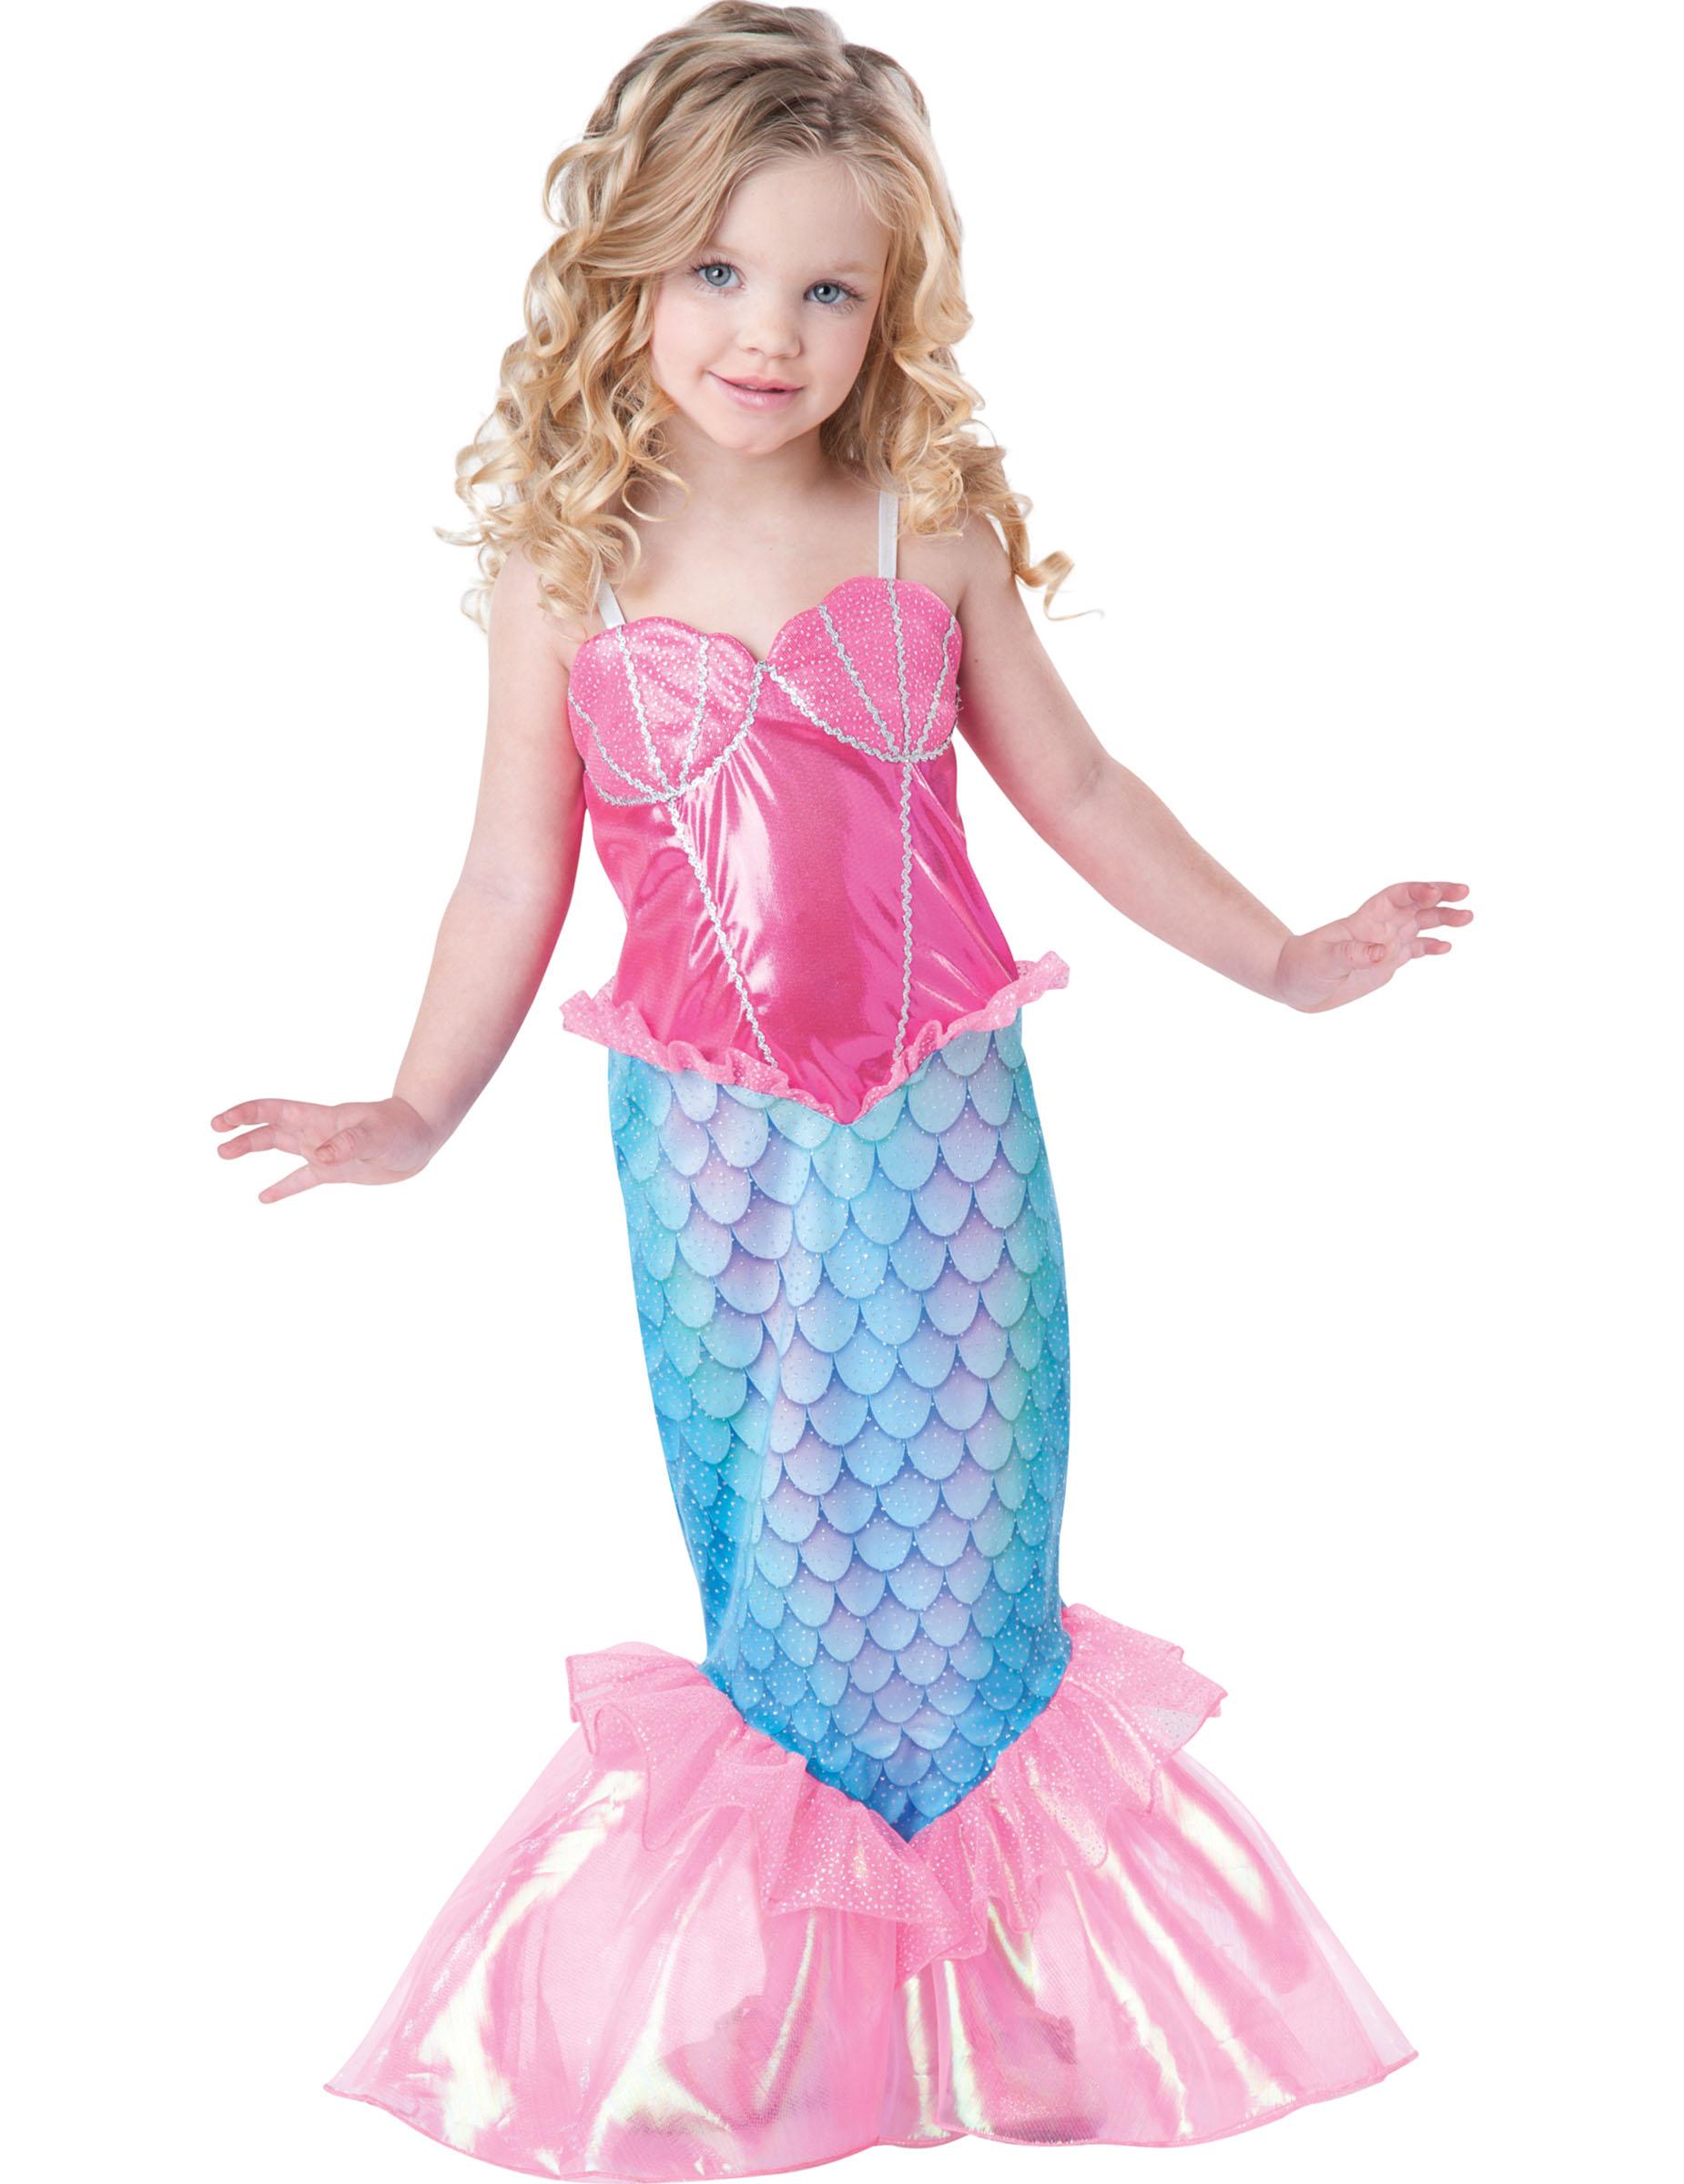 Disfraz Sirena para niña -Premium: Disfraces niños,y disfraces ...